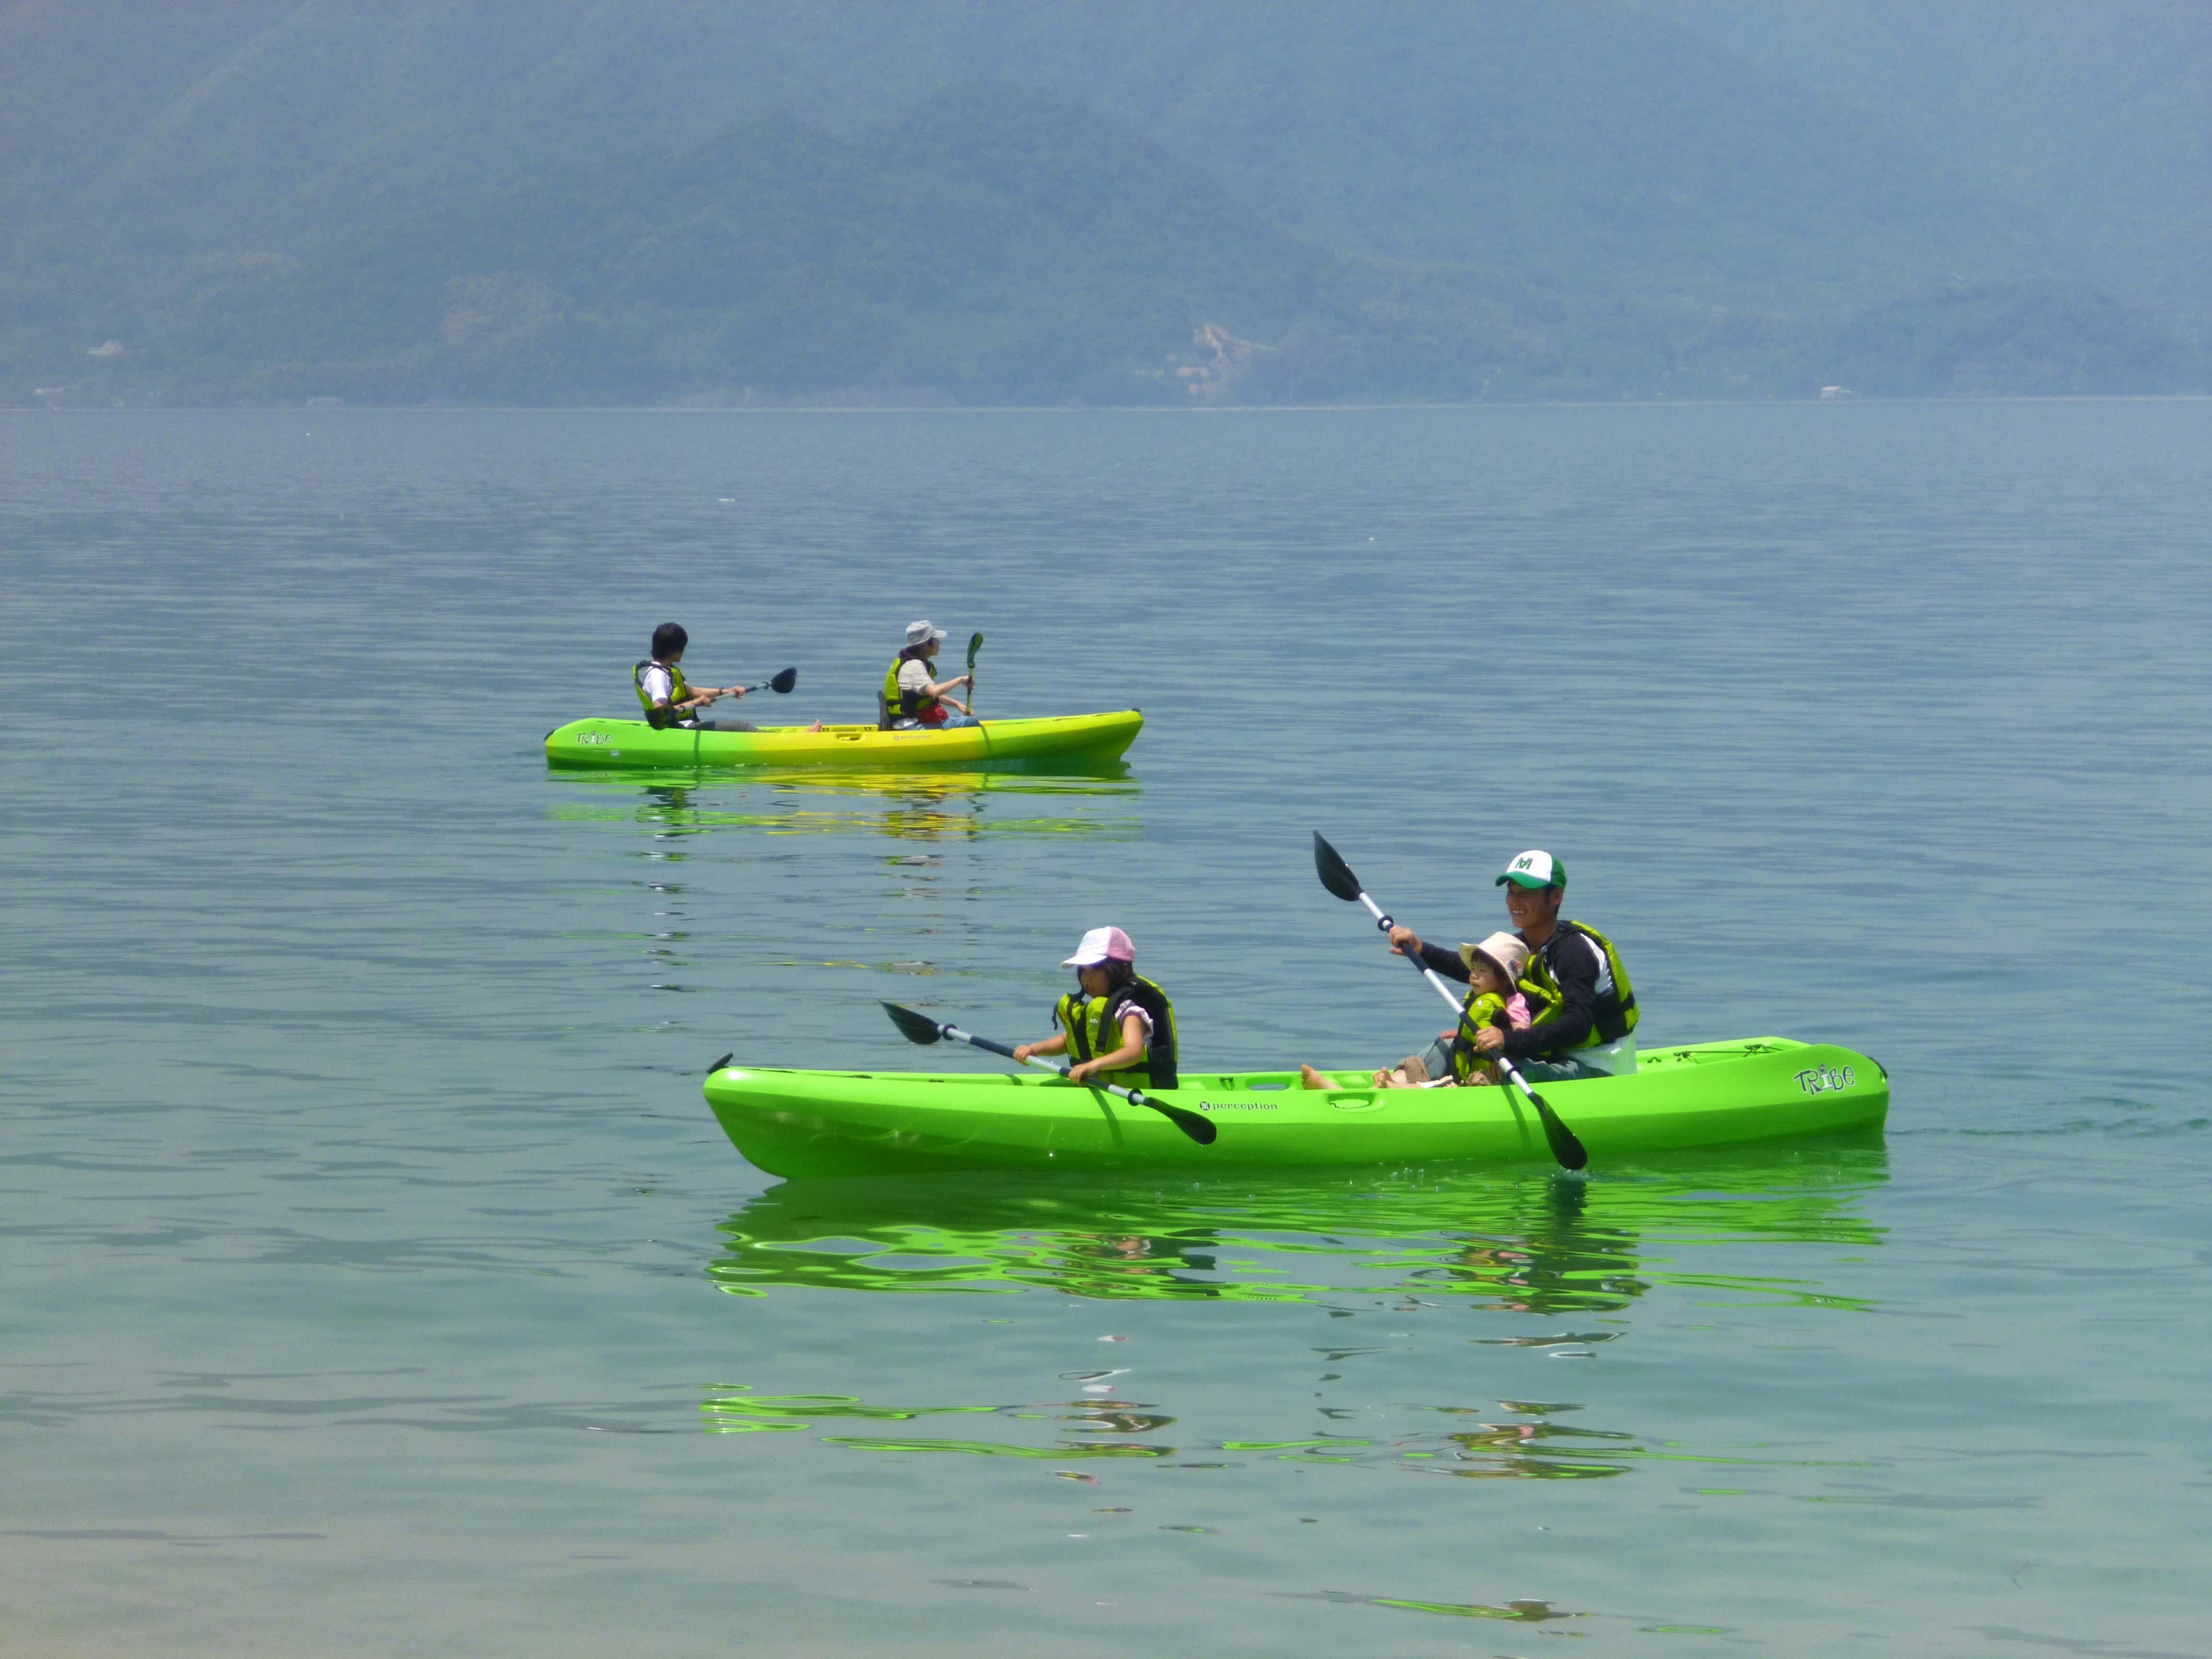 瀬戸内の穏やかな海で楽しむシーカヤック